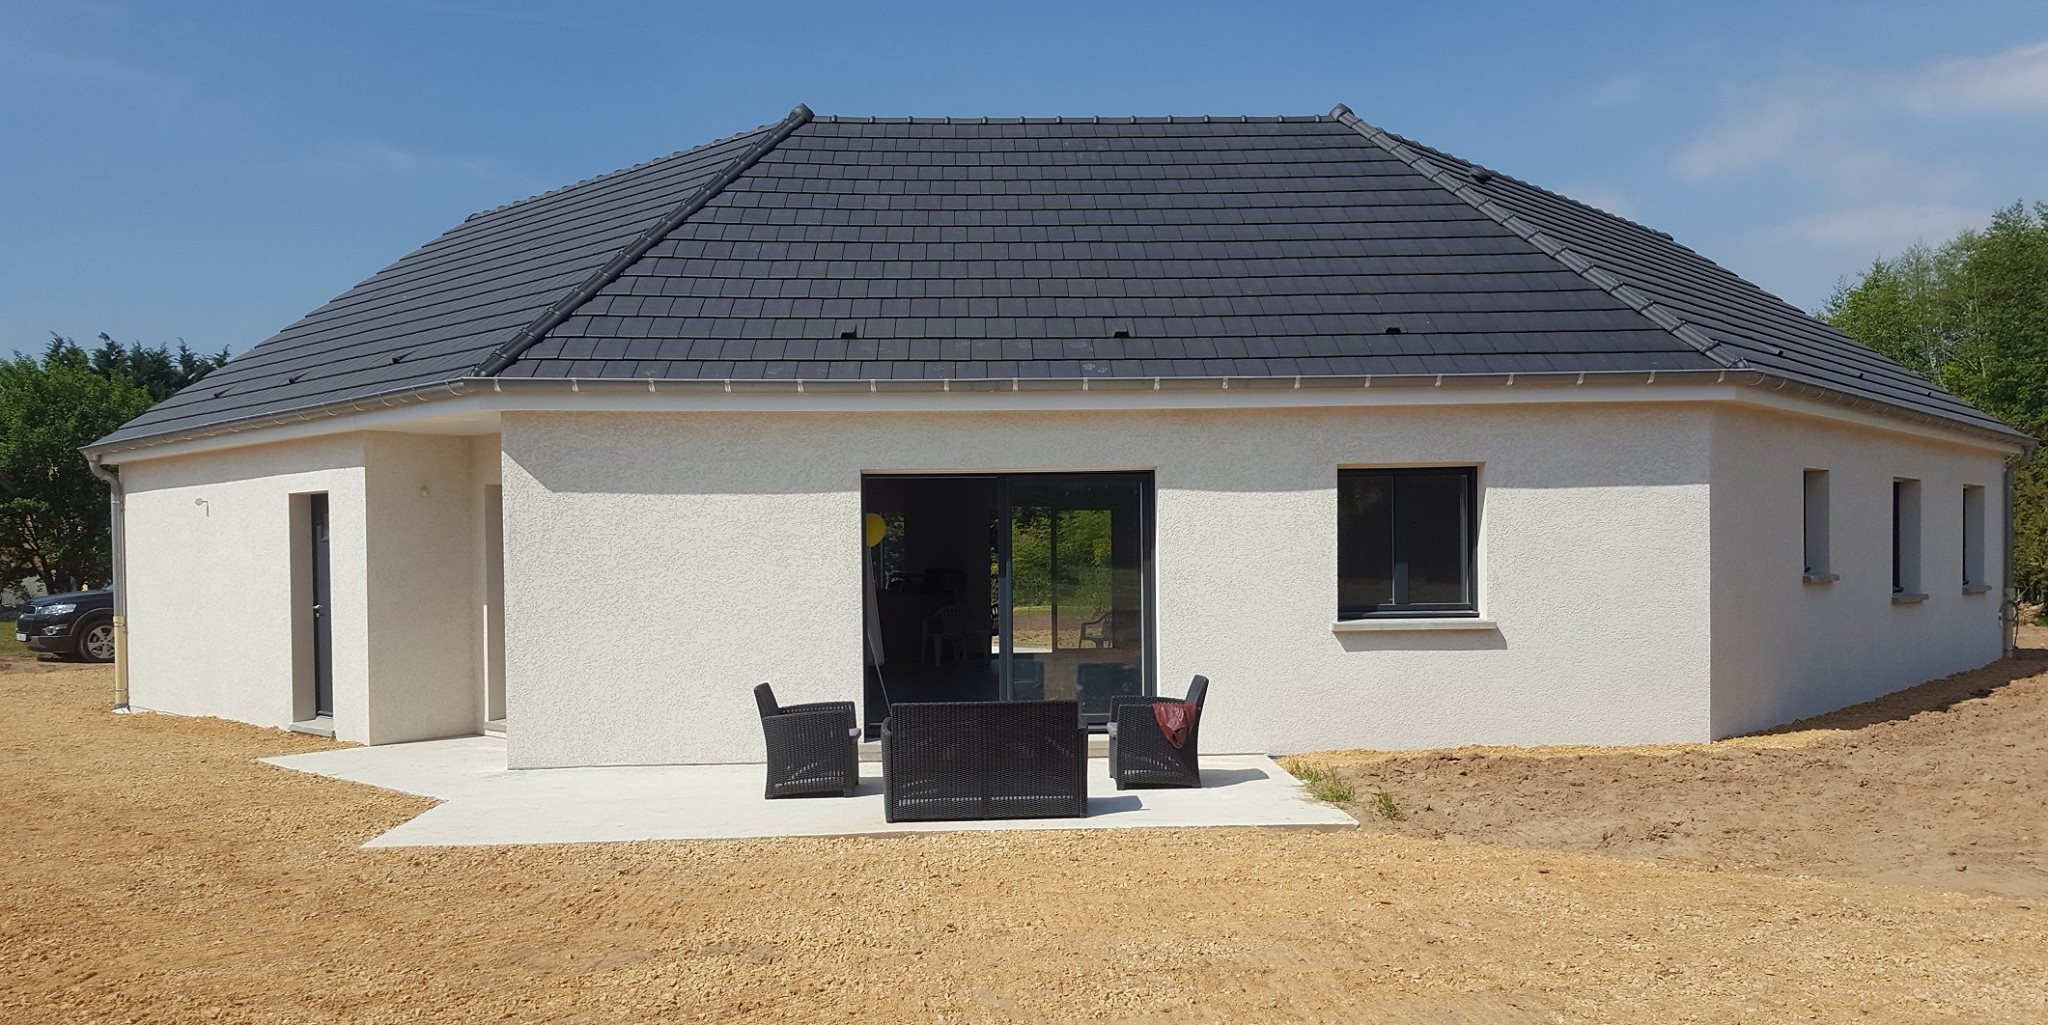 Maison construite par bourgogne b tir 1 full bourgogne b tir for Maison a batir tarif